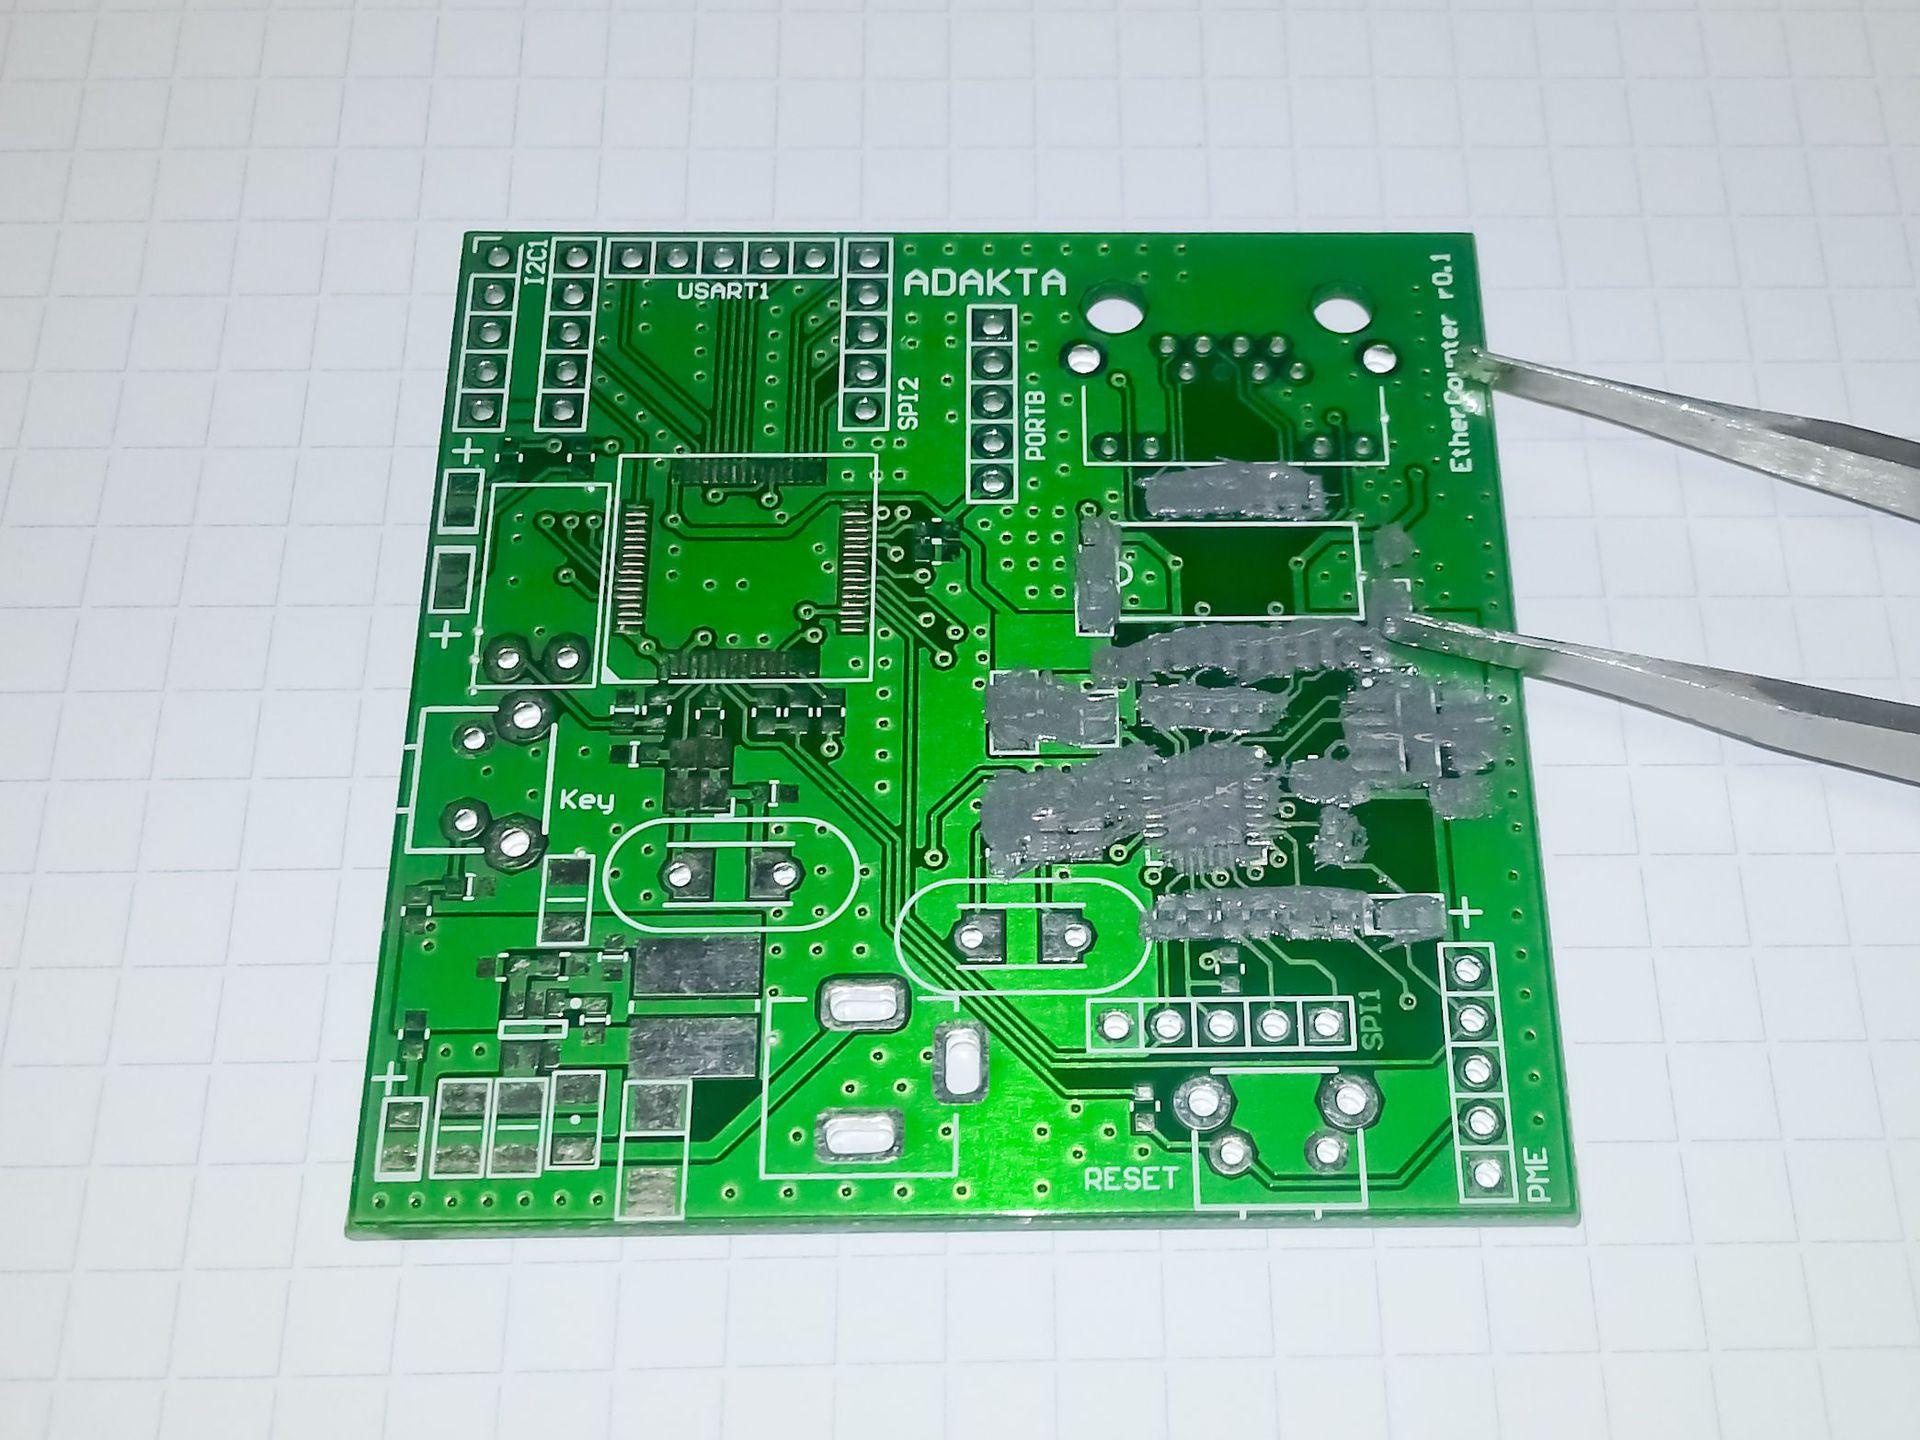 Ручной монтаж сложных плат на компонентах 0402, 0603, QFN, LQFP и THT - 7